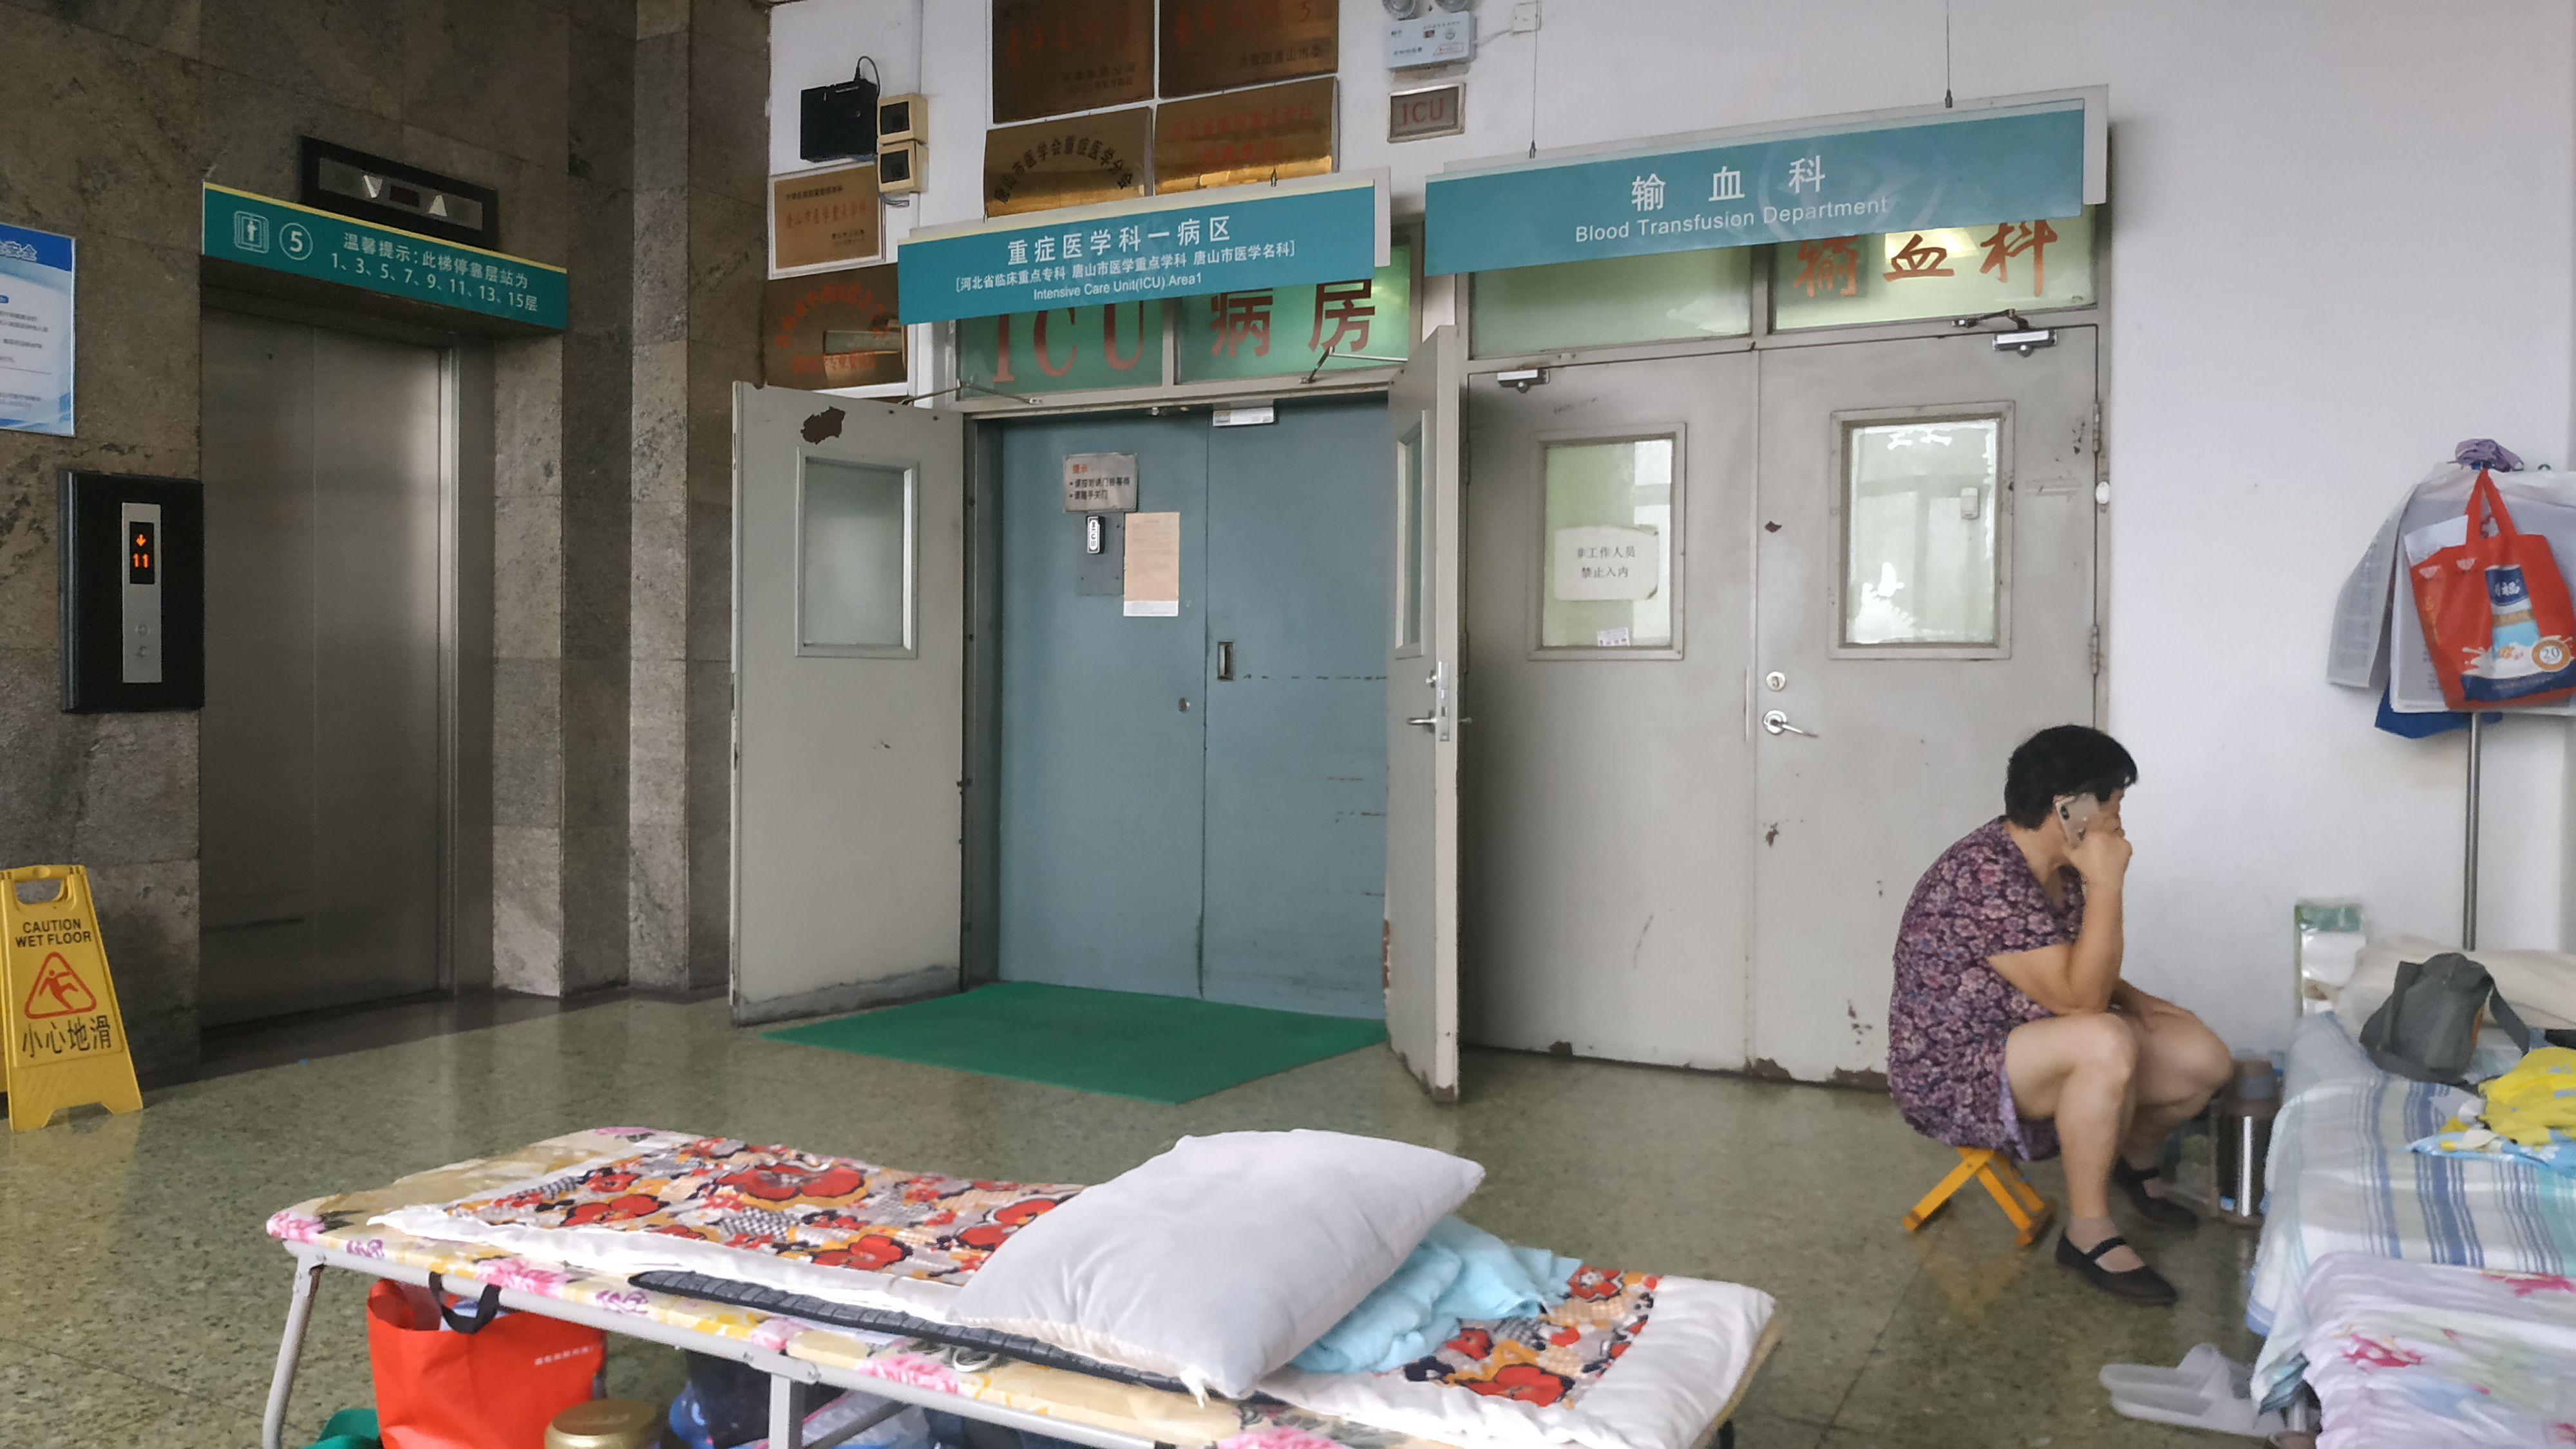 开滦集团唐山矿井事故5名幸存者入院治疗 其中1人重症